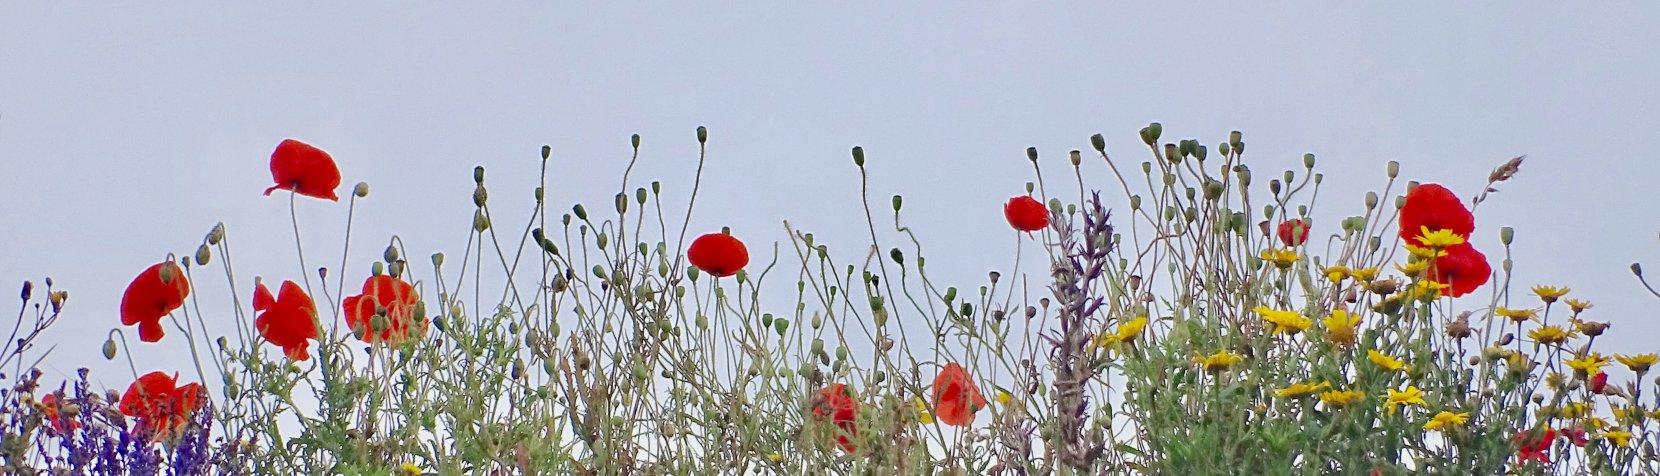 Blomster på eng